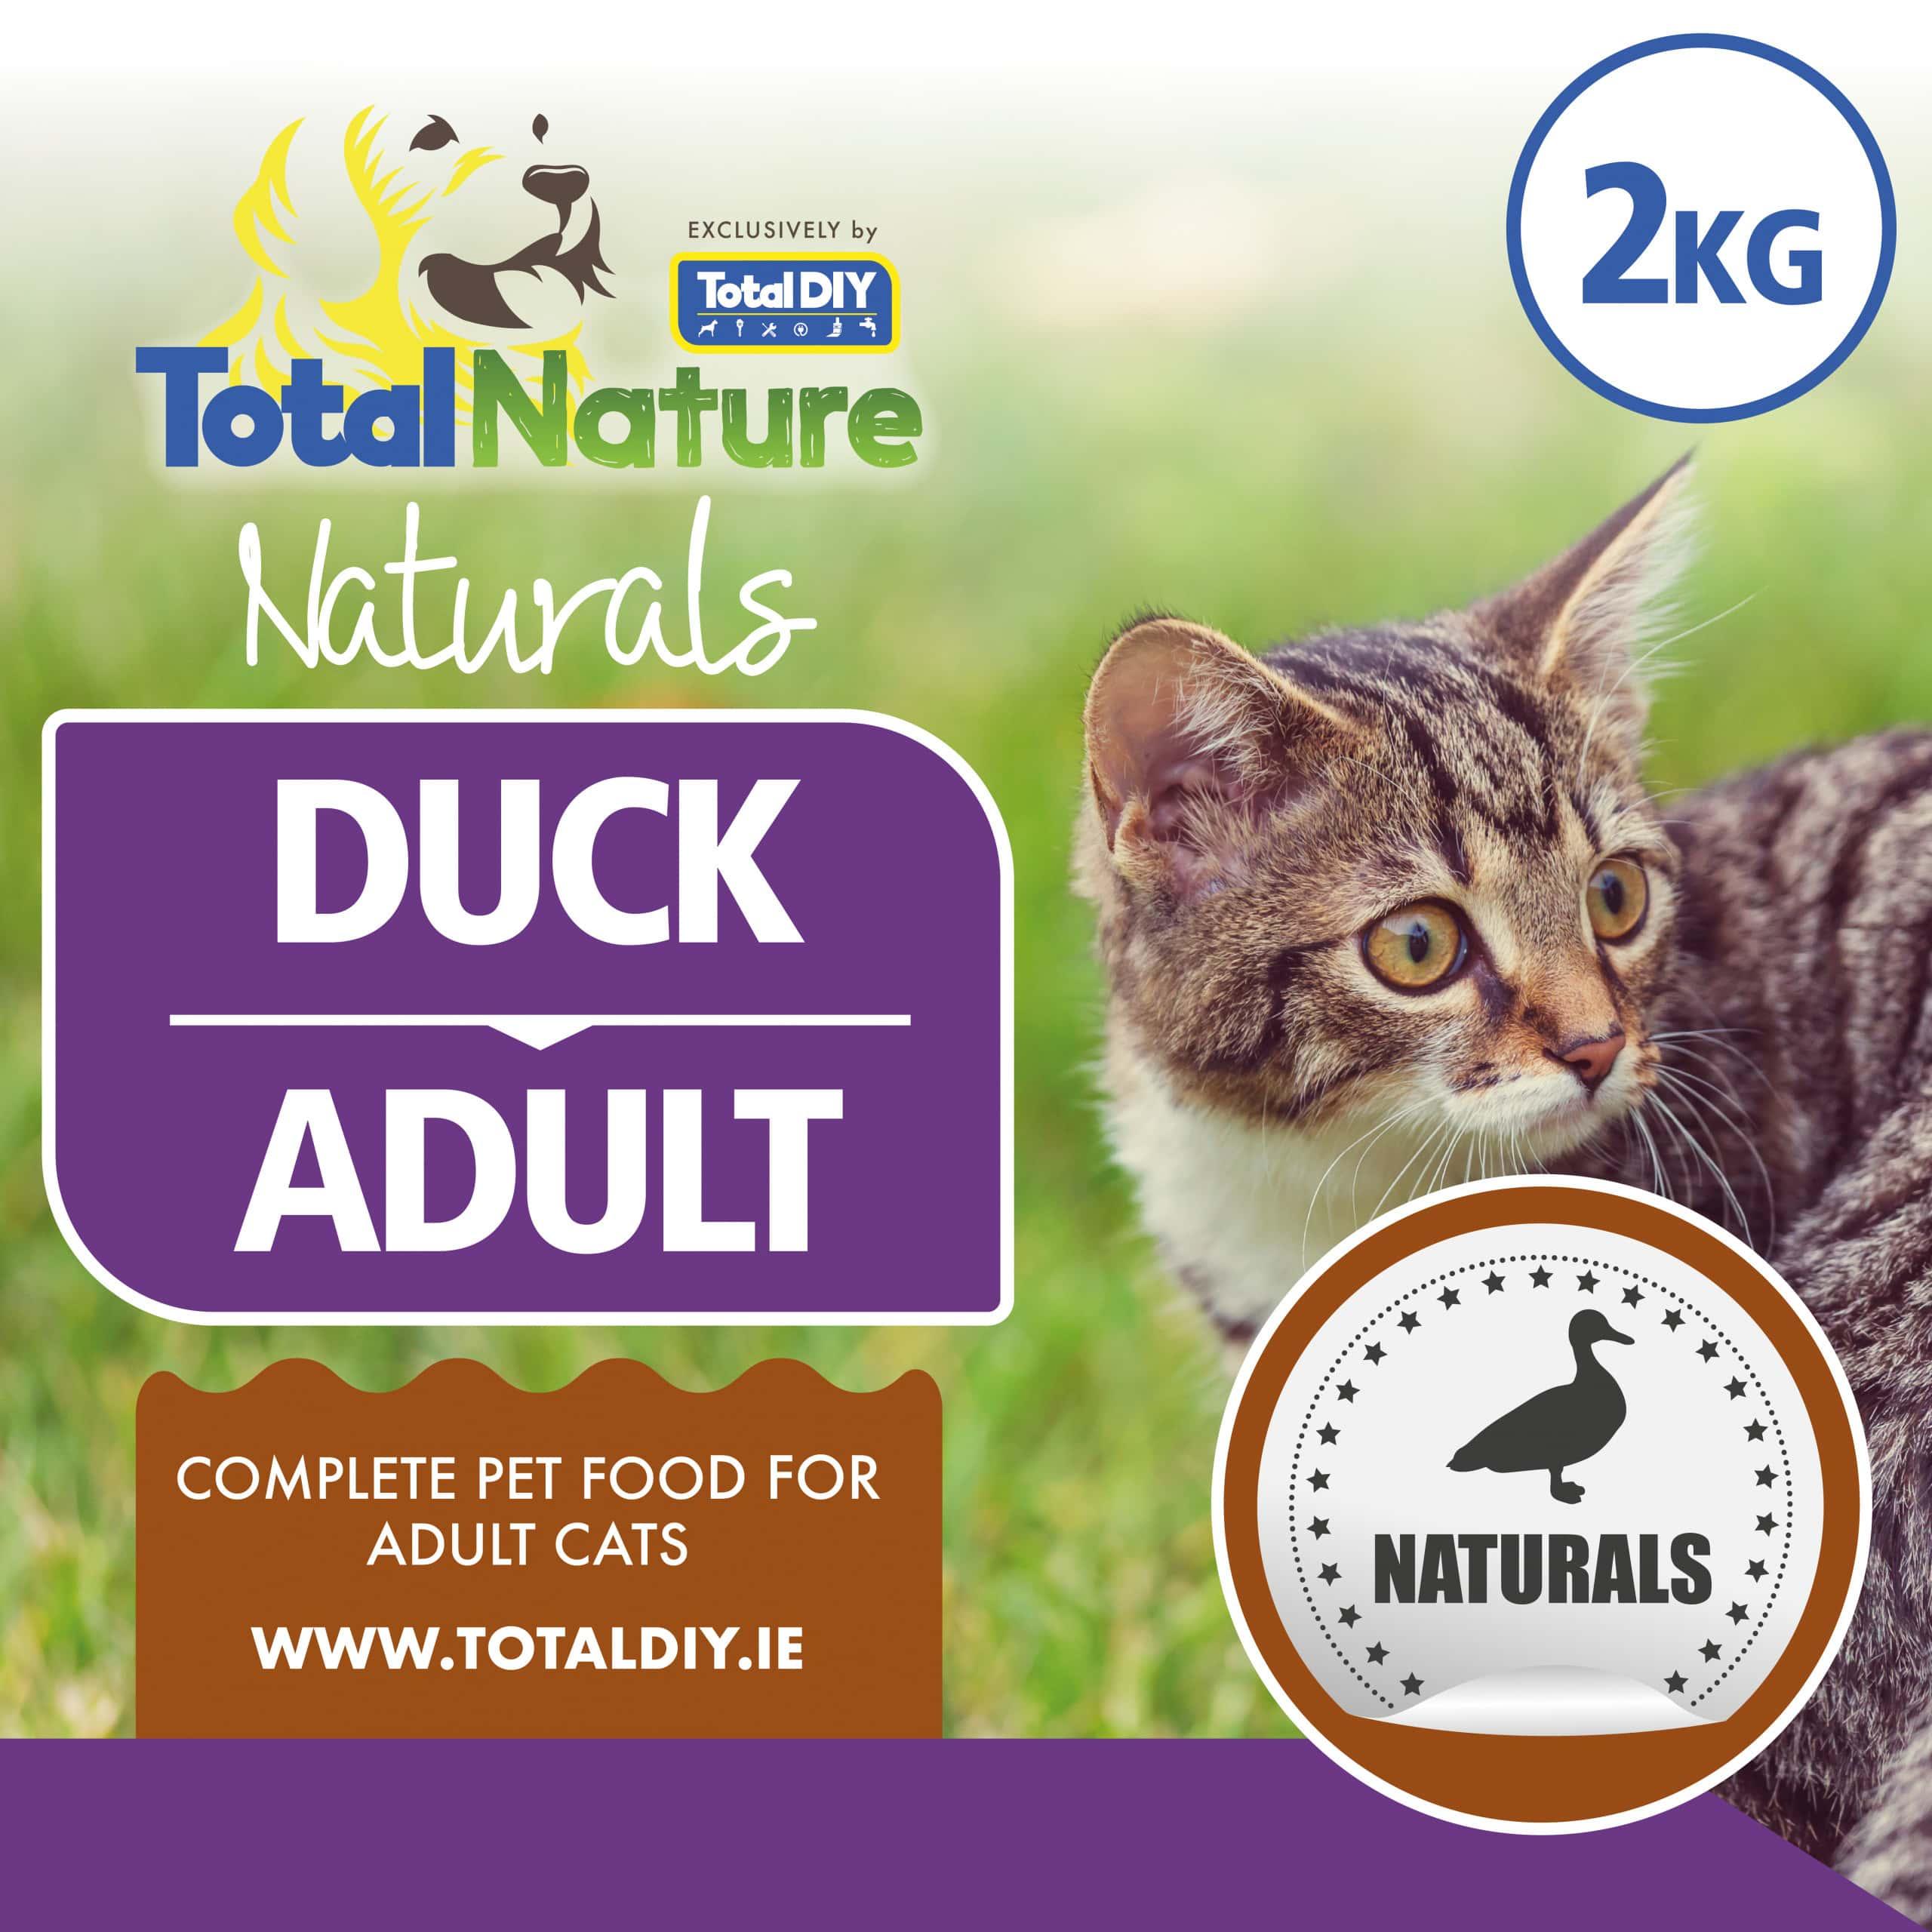 Total-Nature-Naturals-Adult-Cat-Duck-2kg